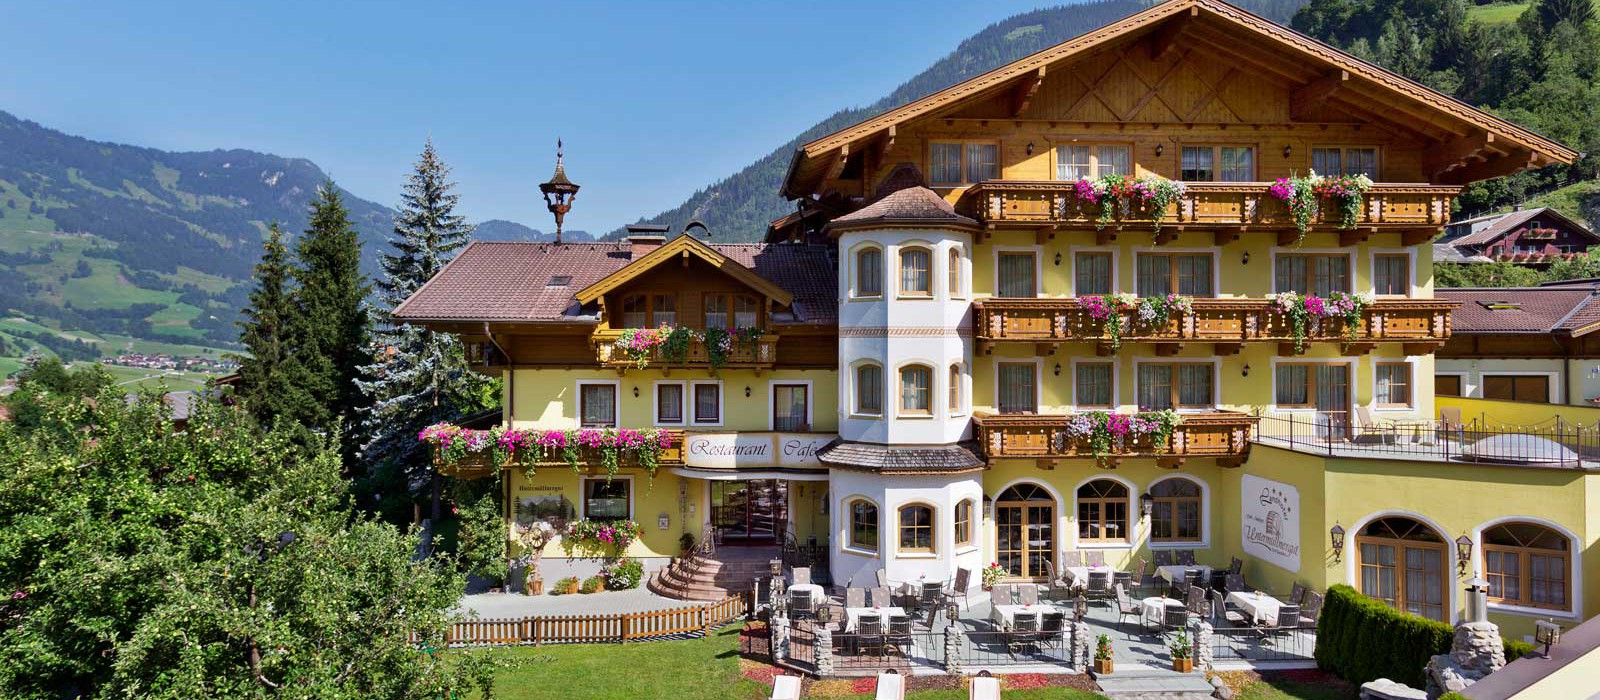 Almsommer im Landhotel in Dorfgastein